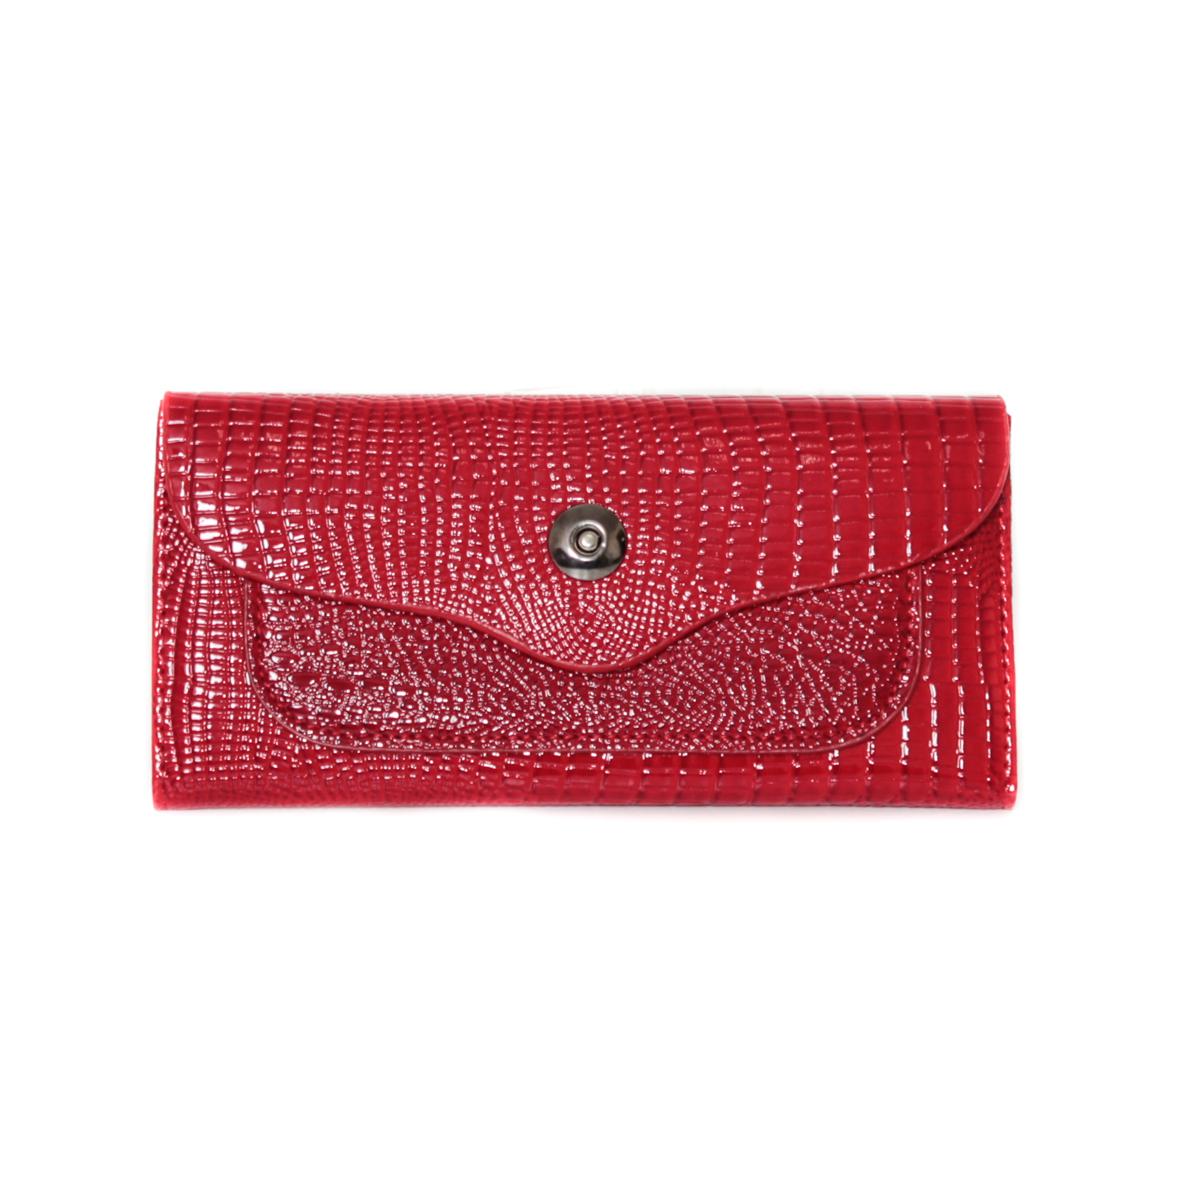 Кошелек женский Leighton, цвет: красный. 00053092INT-06501Кошелек женский Leighton закрывается на кнопку. Внутри расположены два отделения и один карман на молнии. Имеются отделения для визиток.